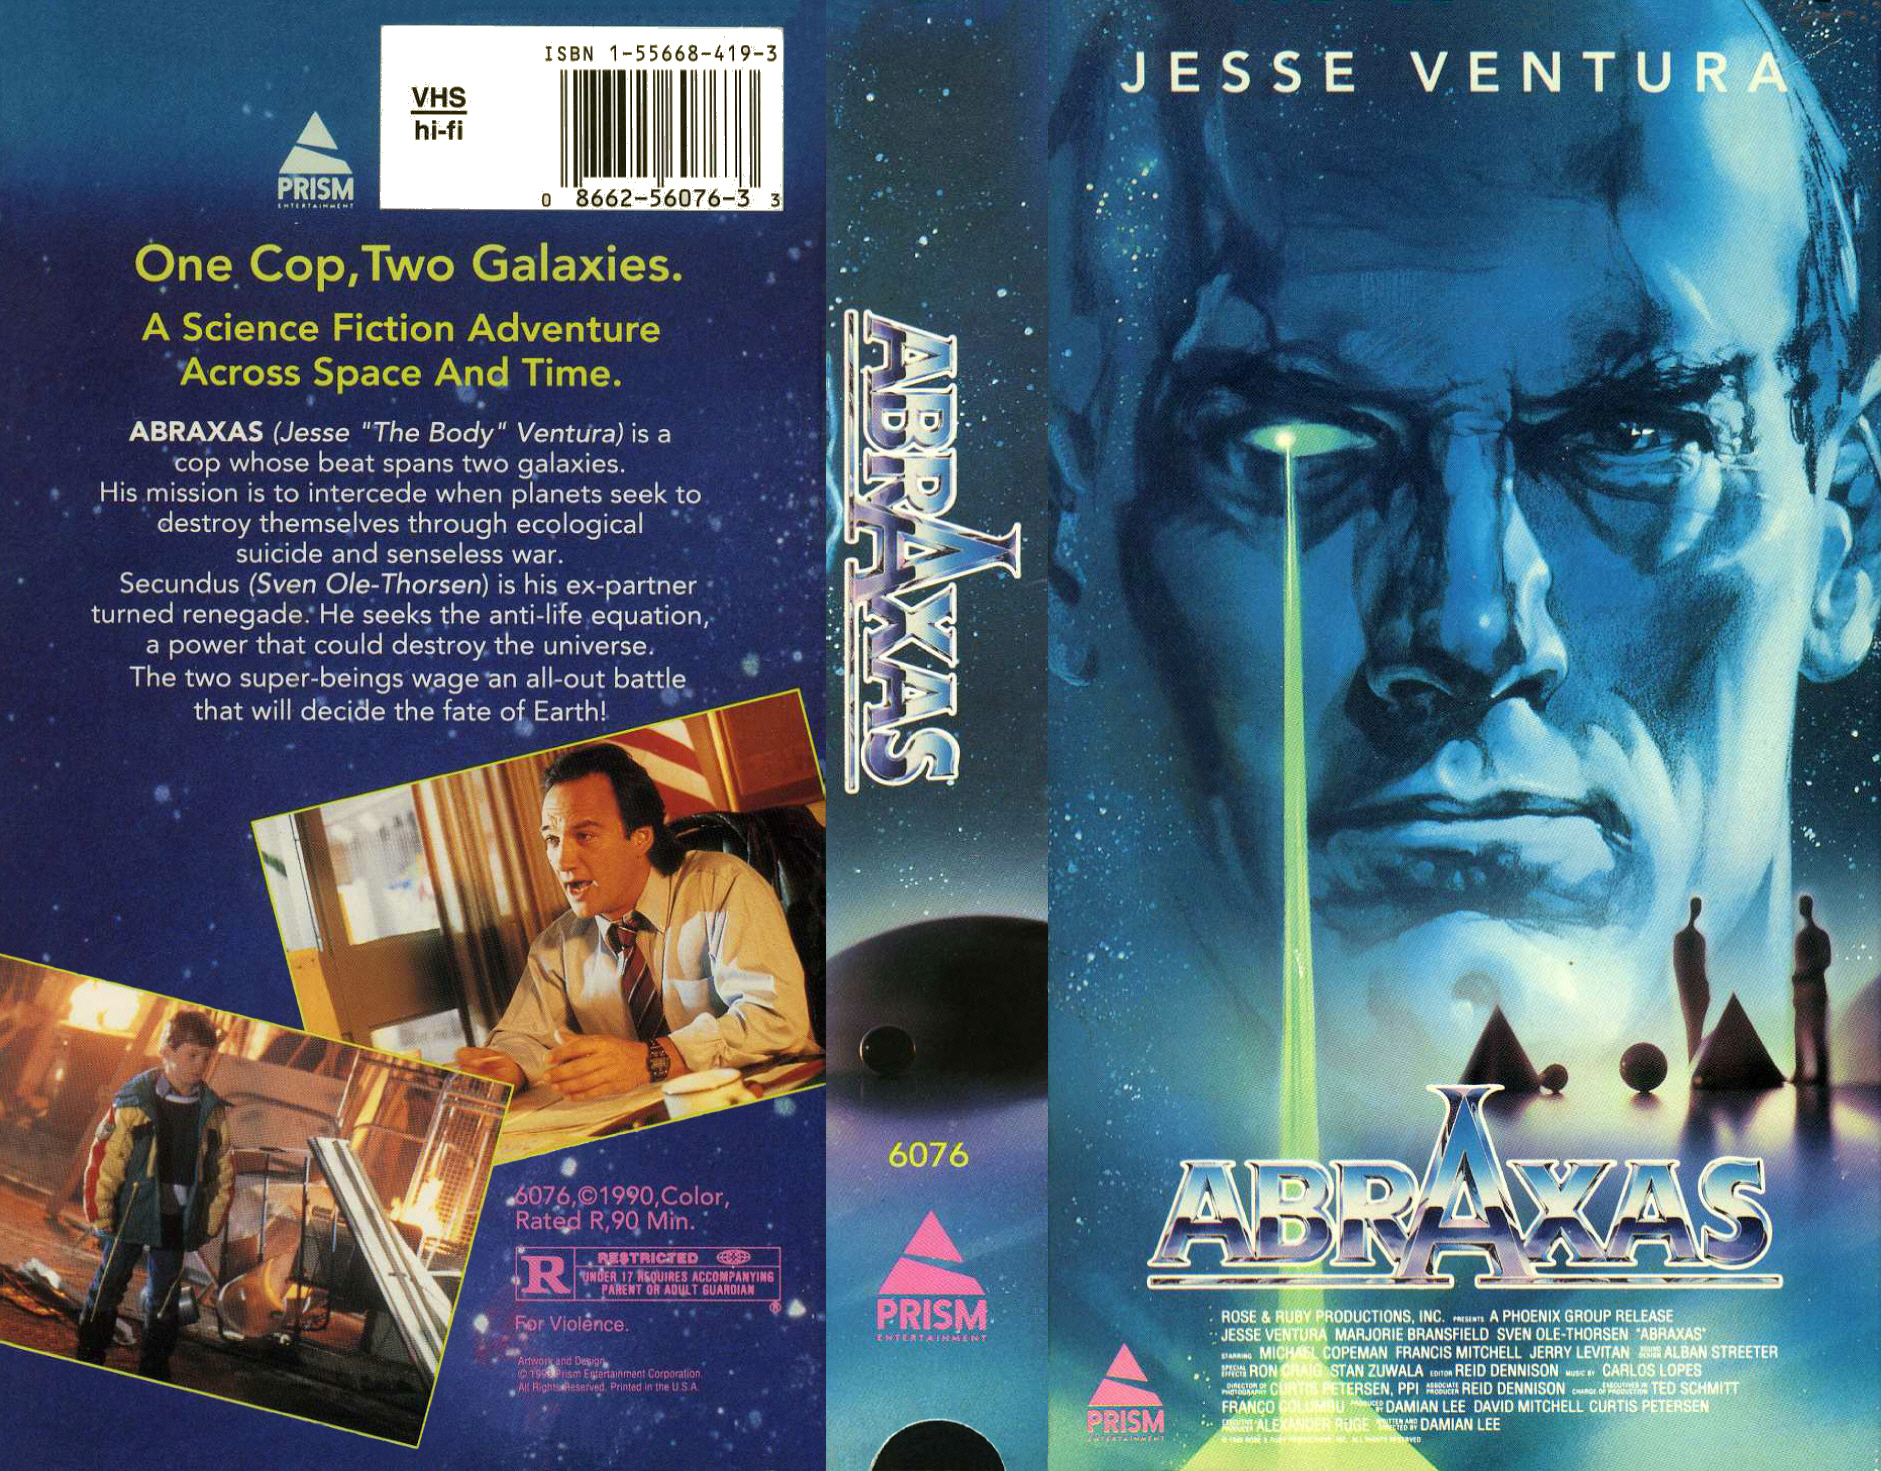 La grosse VHS d'Abraxas, seule copie officielle connue, chez Prism, qui a distribué des chefs d'œuvres comme Alienator.